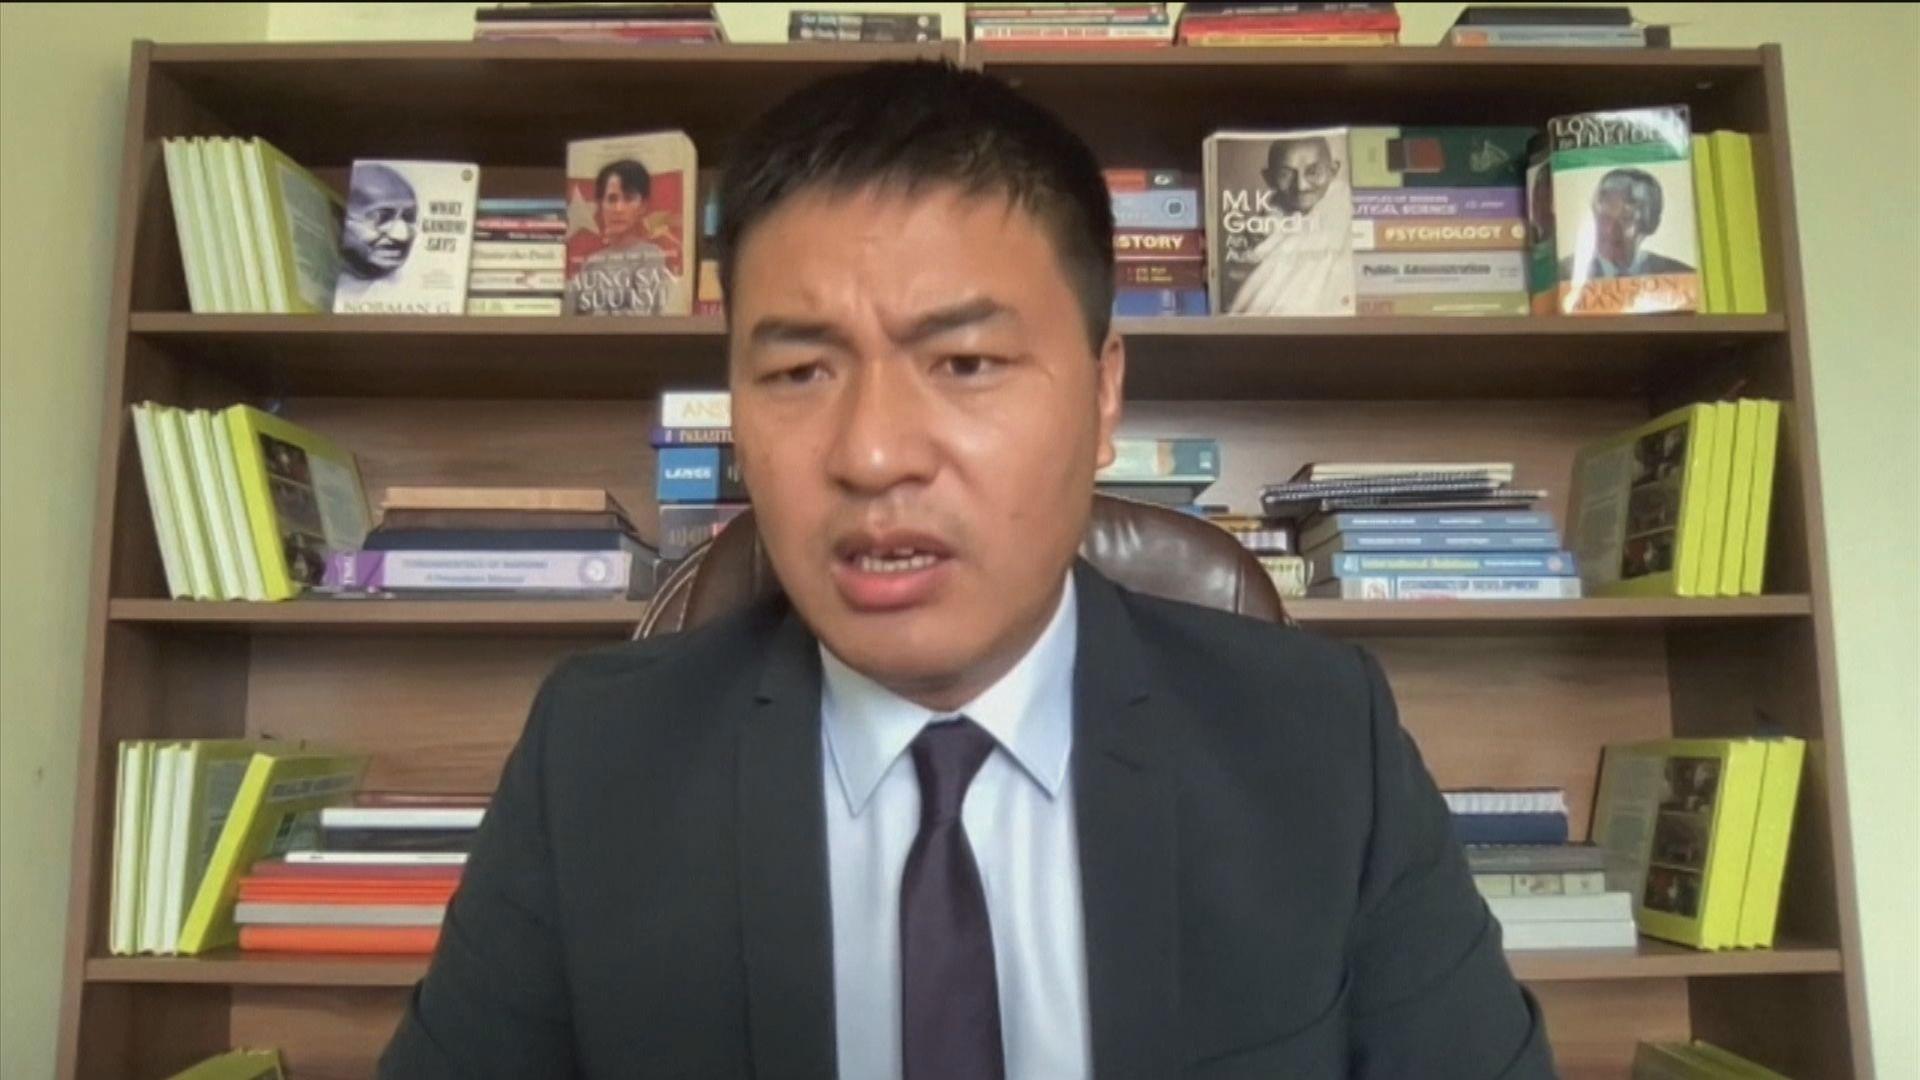 聯合國特使批評緬甸軍方殺害無辜民眾